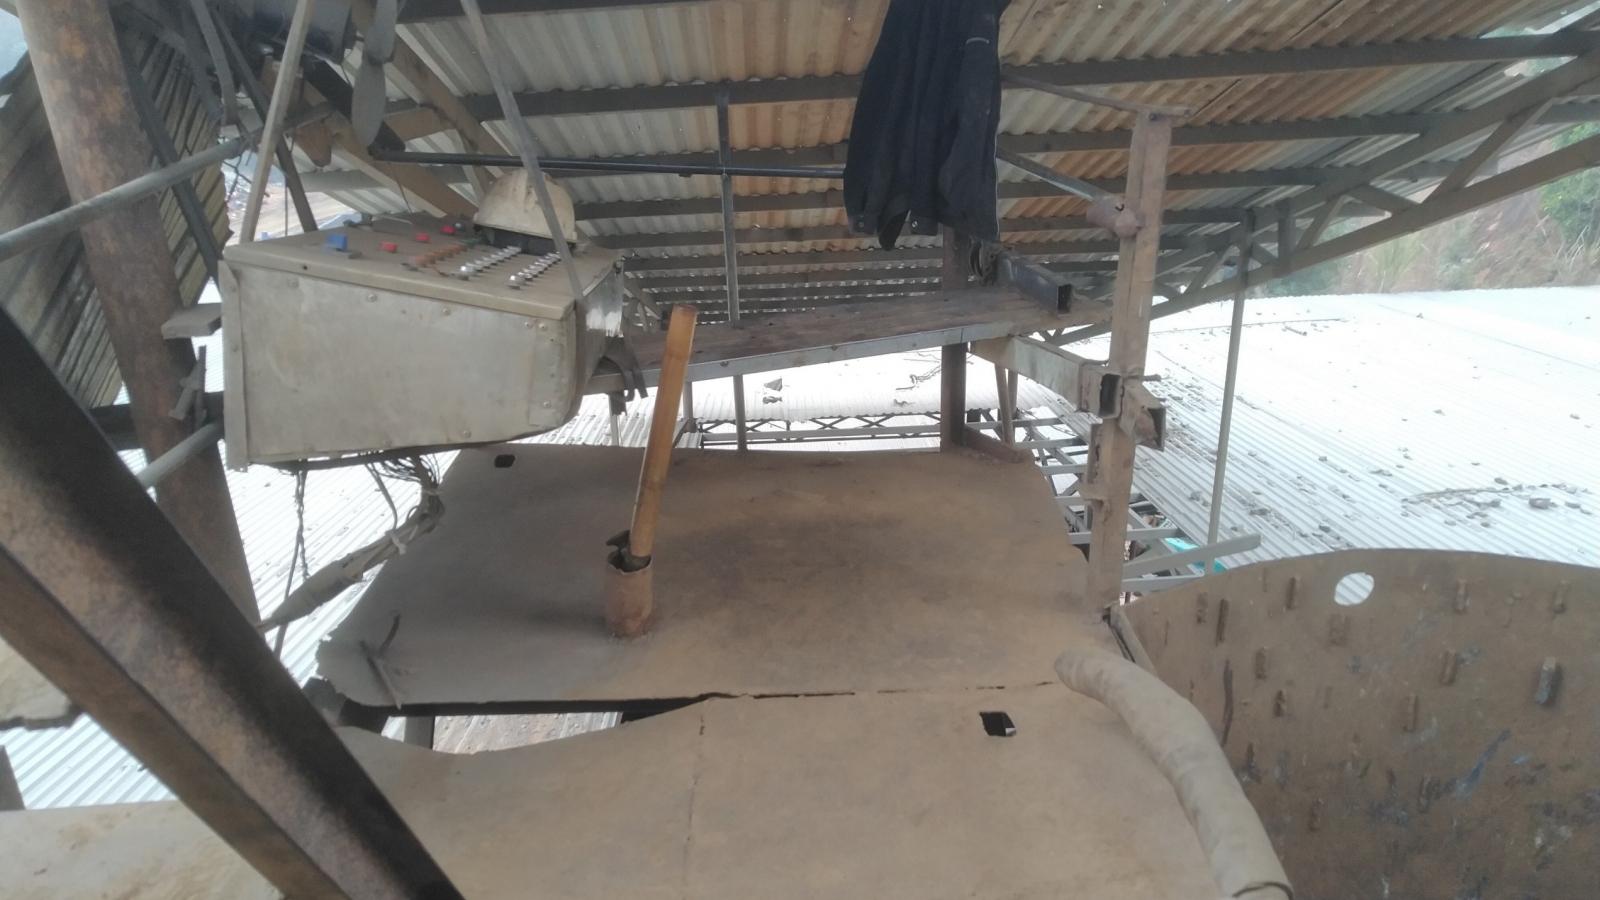 Một công nhân tử vong tại nhà máy chế biến quặng sắt ởYên Bái